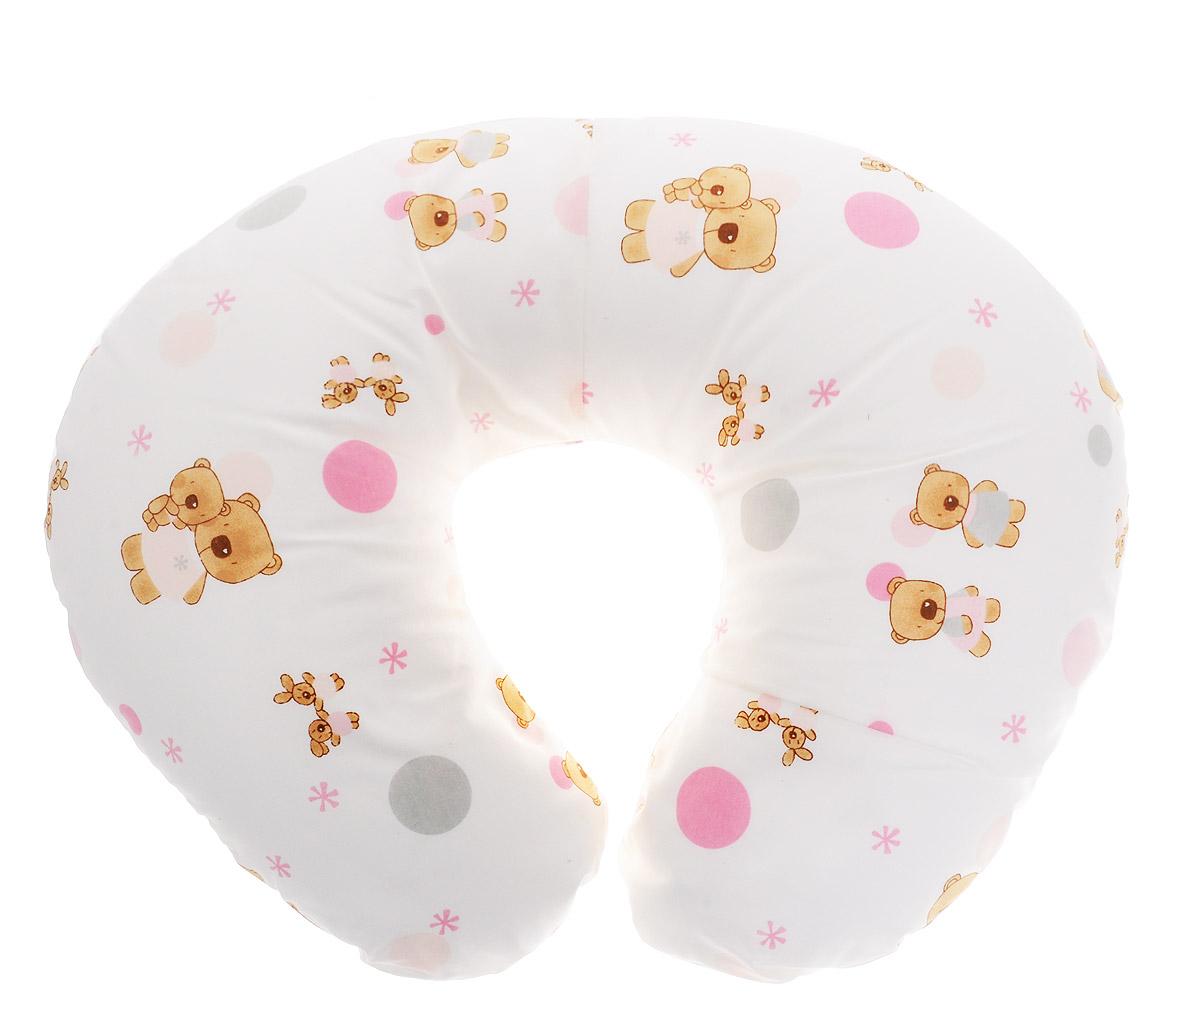 Plantex Подушка для кормящих и беременных мам Comfy Small Мишка и Зайцы1030_мишка и зыйцы белый розовыйМногофункциональная подушка Plantex Comfy Small. Мишка и Зайцы идеальна для удобства ребенка и его родителей. Зачастую именно эта модель называется подушкой для беременных. Ведь она создана именно для будущих мам с учетом всех анатомических особенностей в этот период. На любом сроке беременности она бережно поддержит растущий животик и поможет сохранить комфортное и безопасное положение во время сна. Подушка идеально подходит для кормления уже появившегося малыша. Позже многофункциональная подушка поможет ему сохранить равновесие при первых попытках сесть. Чехол подушки выполнен из 100% хлопка и снабжен застежкой-молнией, что позволяет без труда снять и постирать его. Наполнителем подушки служат полистироловые шарики - экологичные, не деформируются сами и хорошо сохраняют форму подушки. Подушка для кормящих и беременных мам Plantex Comfy Small.Мишка и Зайцы - это удобная и практичная вещь, которая прослужит вам долгое время. Подушка поставляется в сумке-чехле. ...